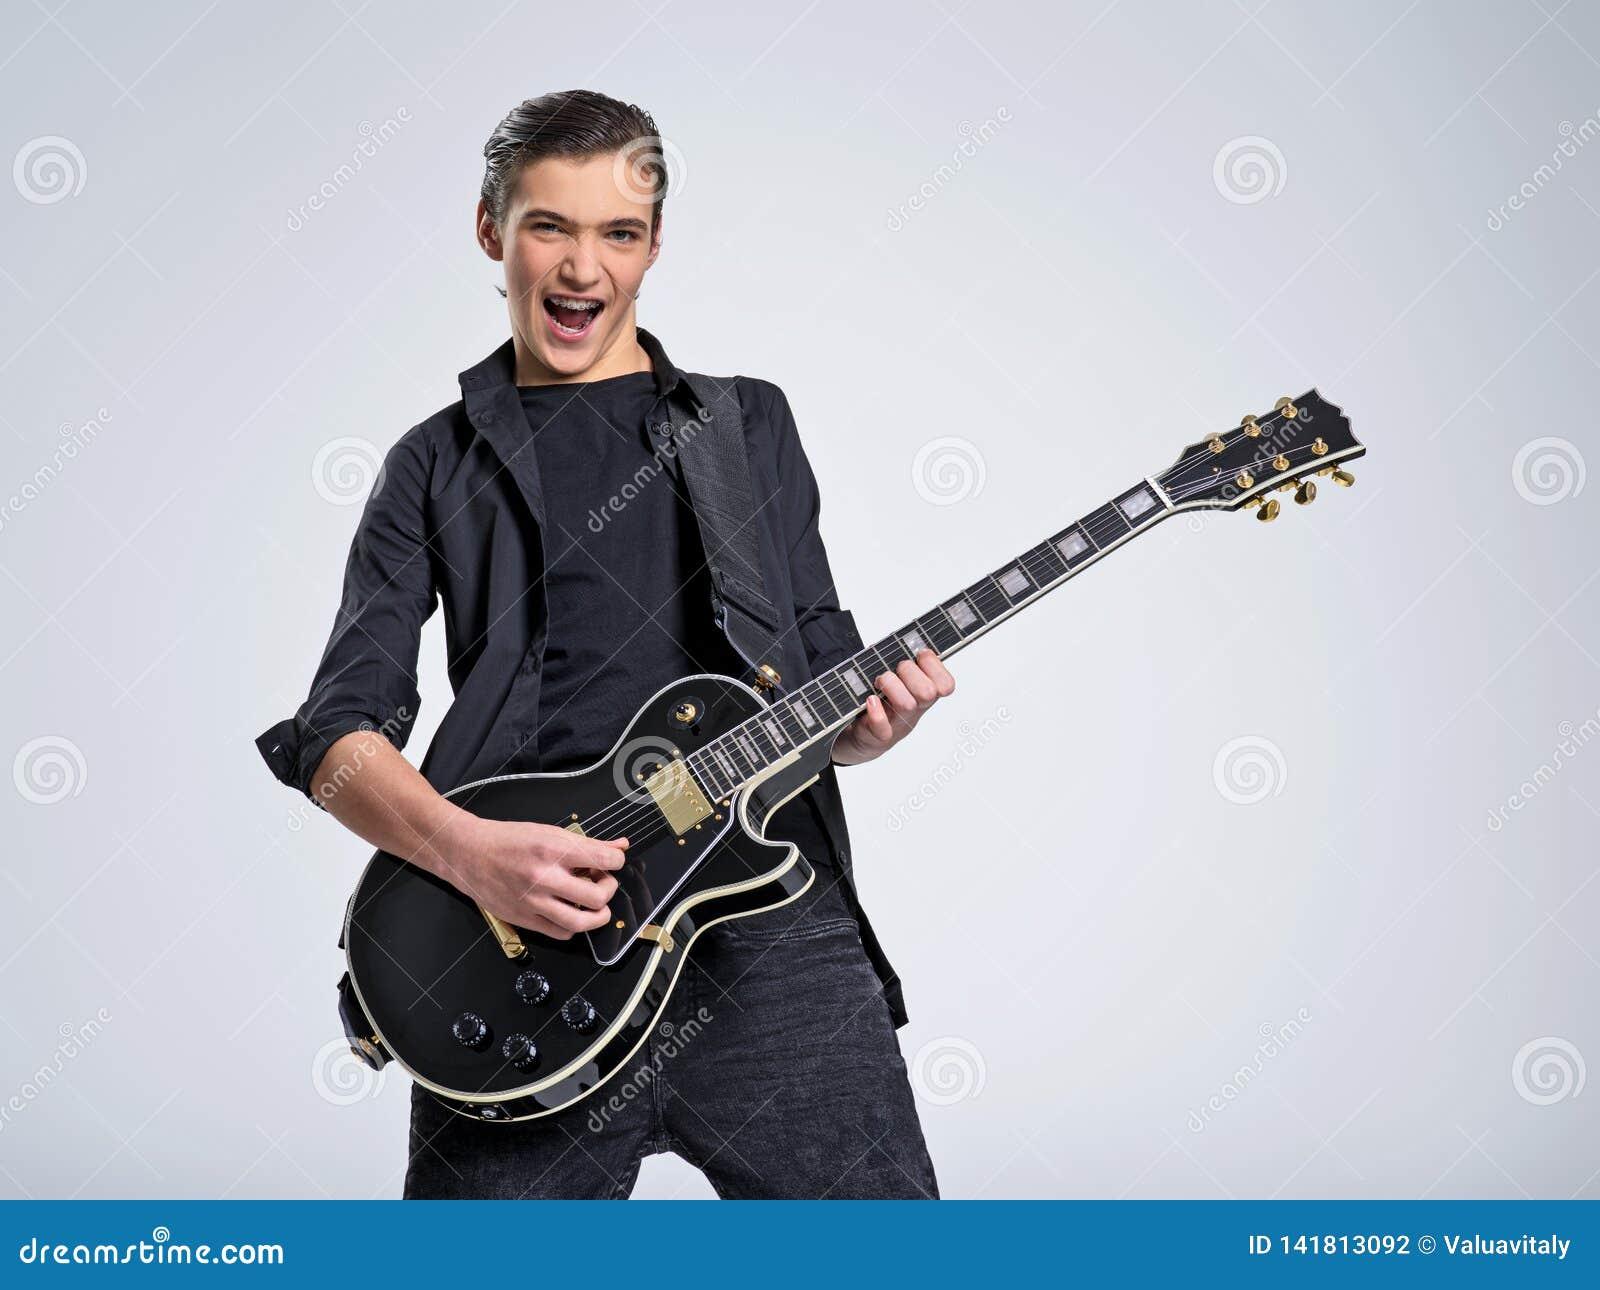 Quinze anos de guitarrista idoso com uma guitarra elétrica preta O músico adolescente guarda a guitarra